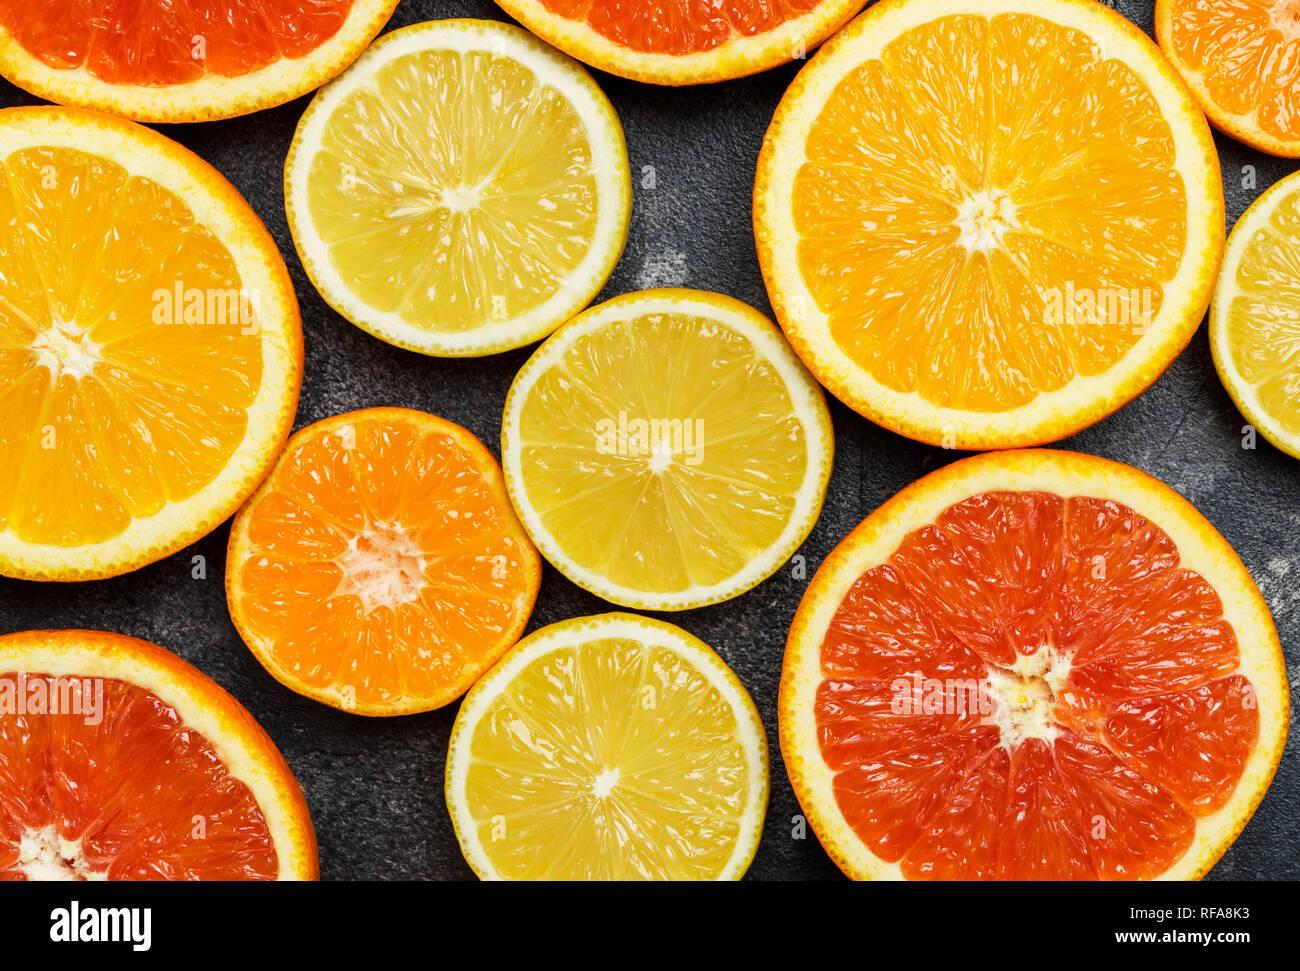 Sfondo di piastrelle di agrumi arancione immagini sfondo di